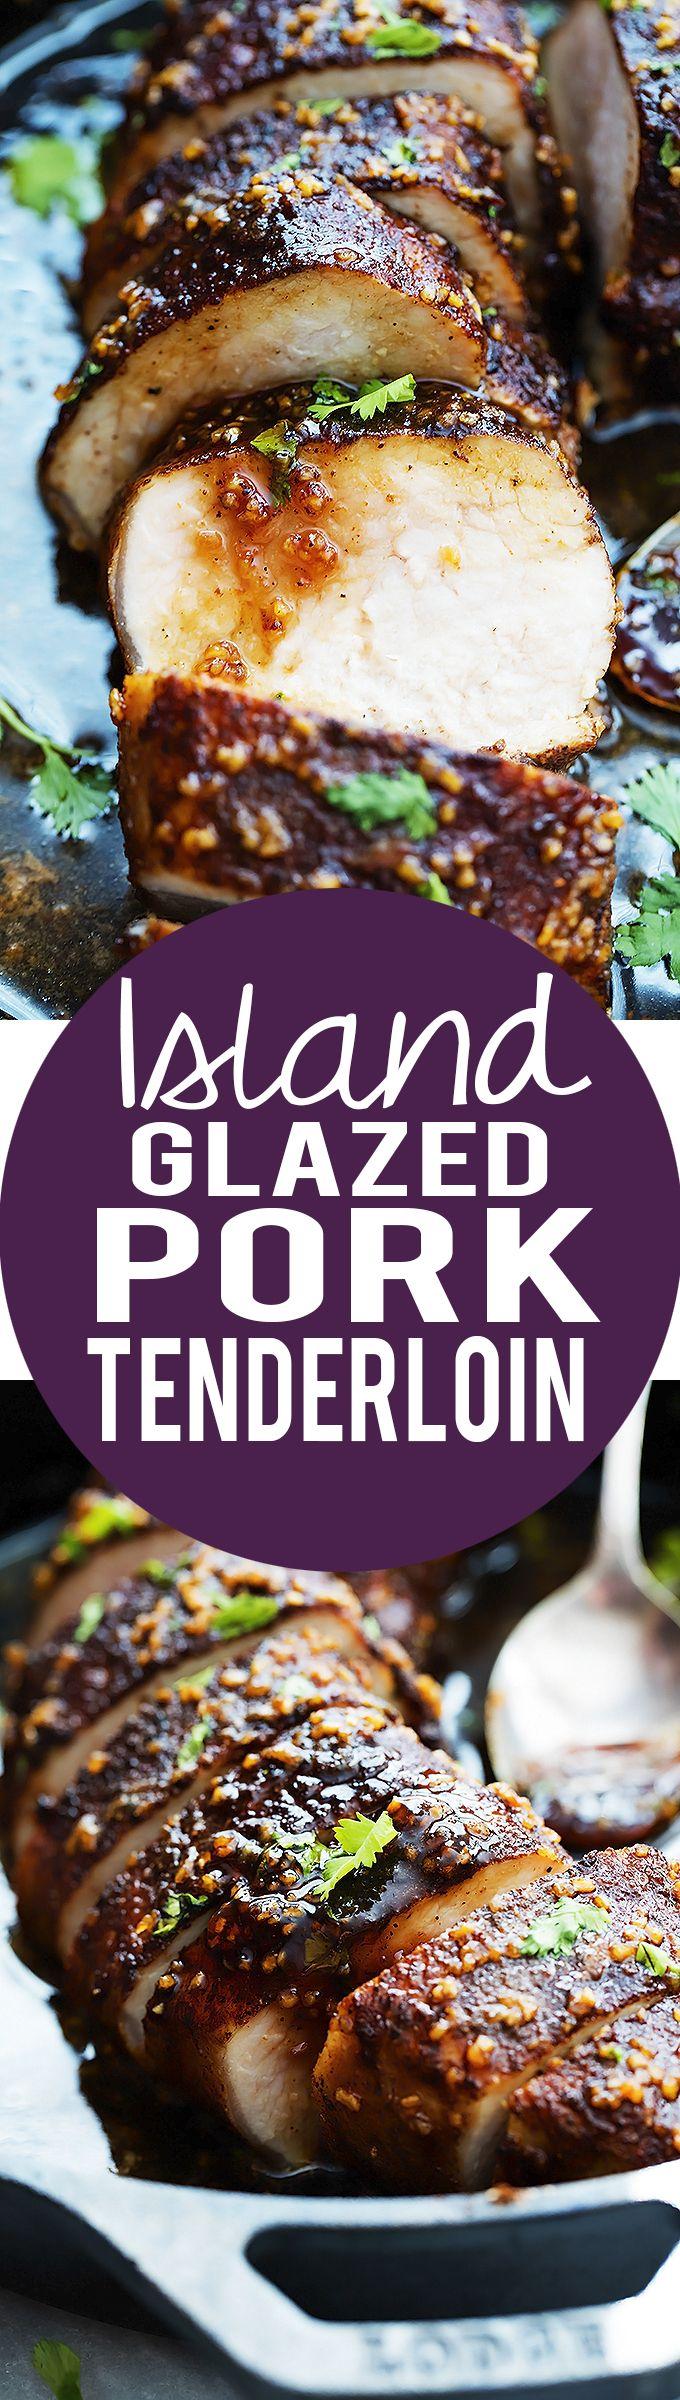 Island Glazed Pork Tenderloin